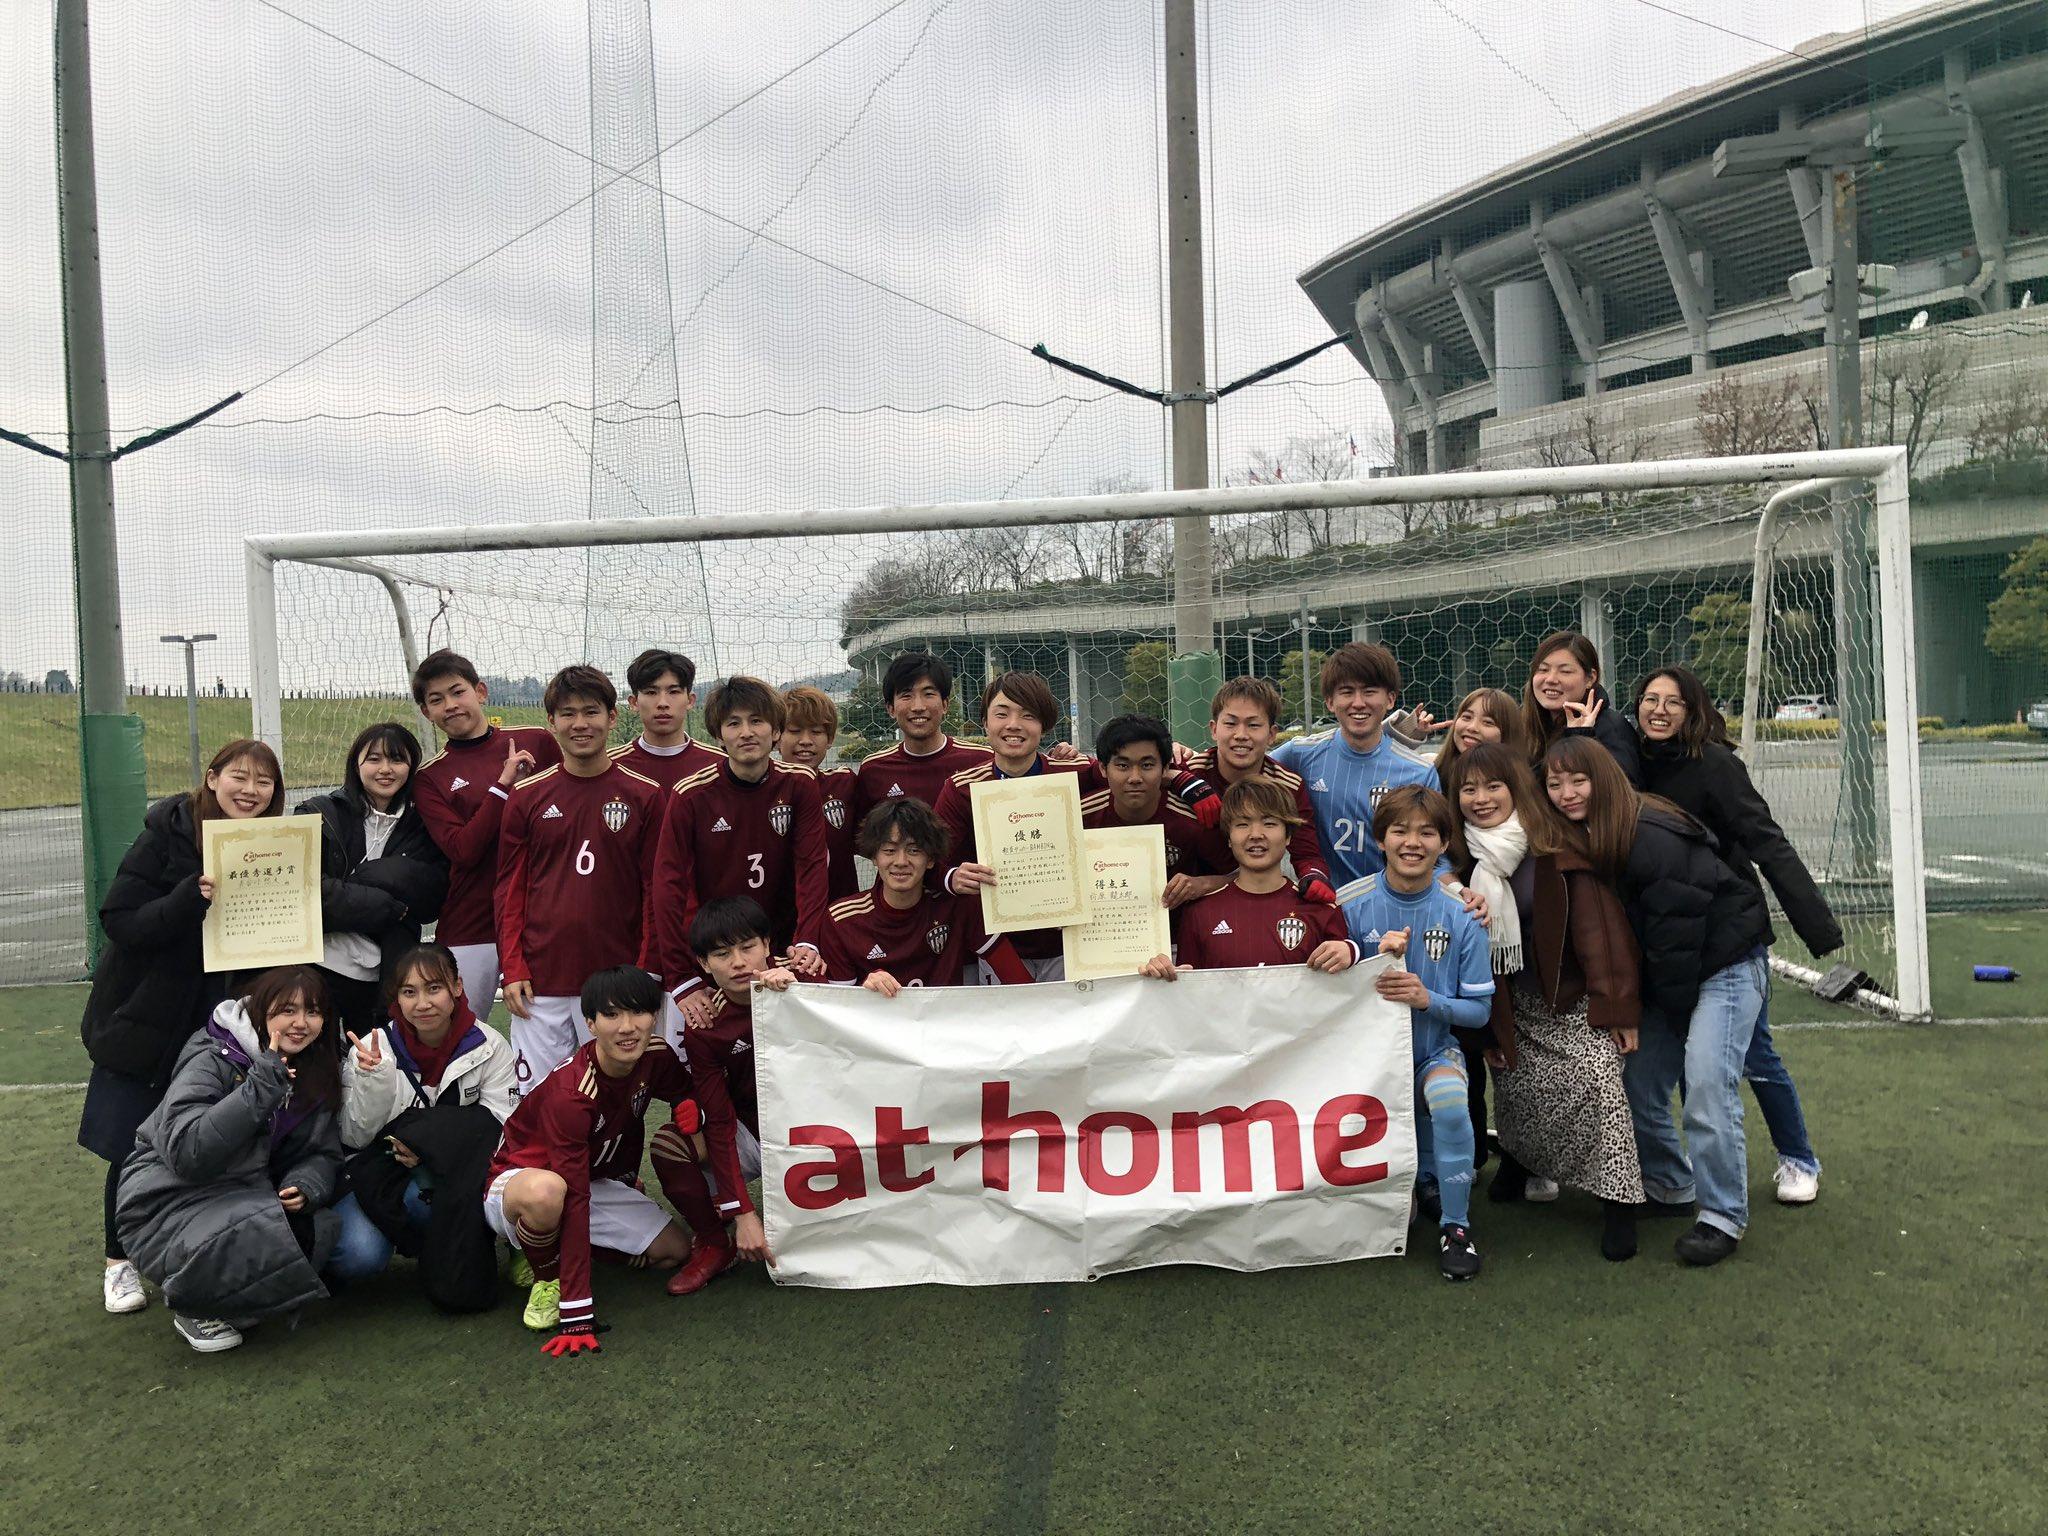 日本大学 教育サッカーBAMBINO